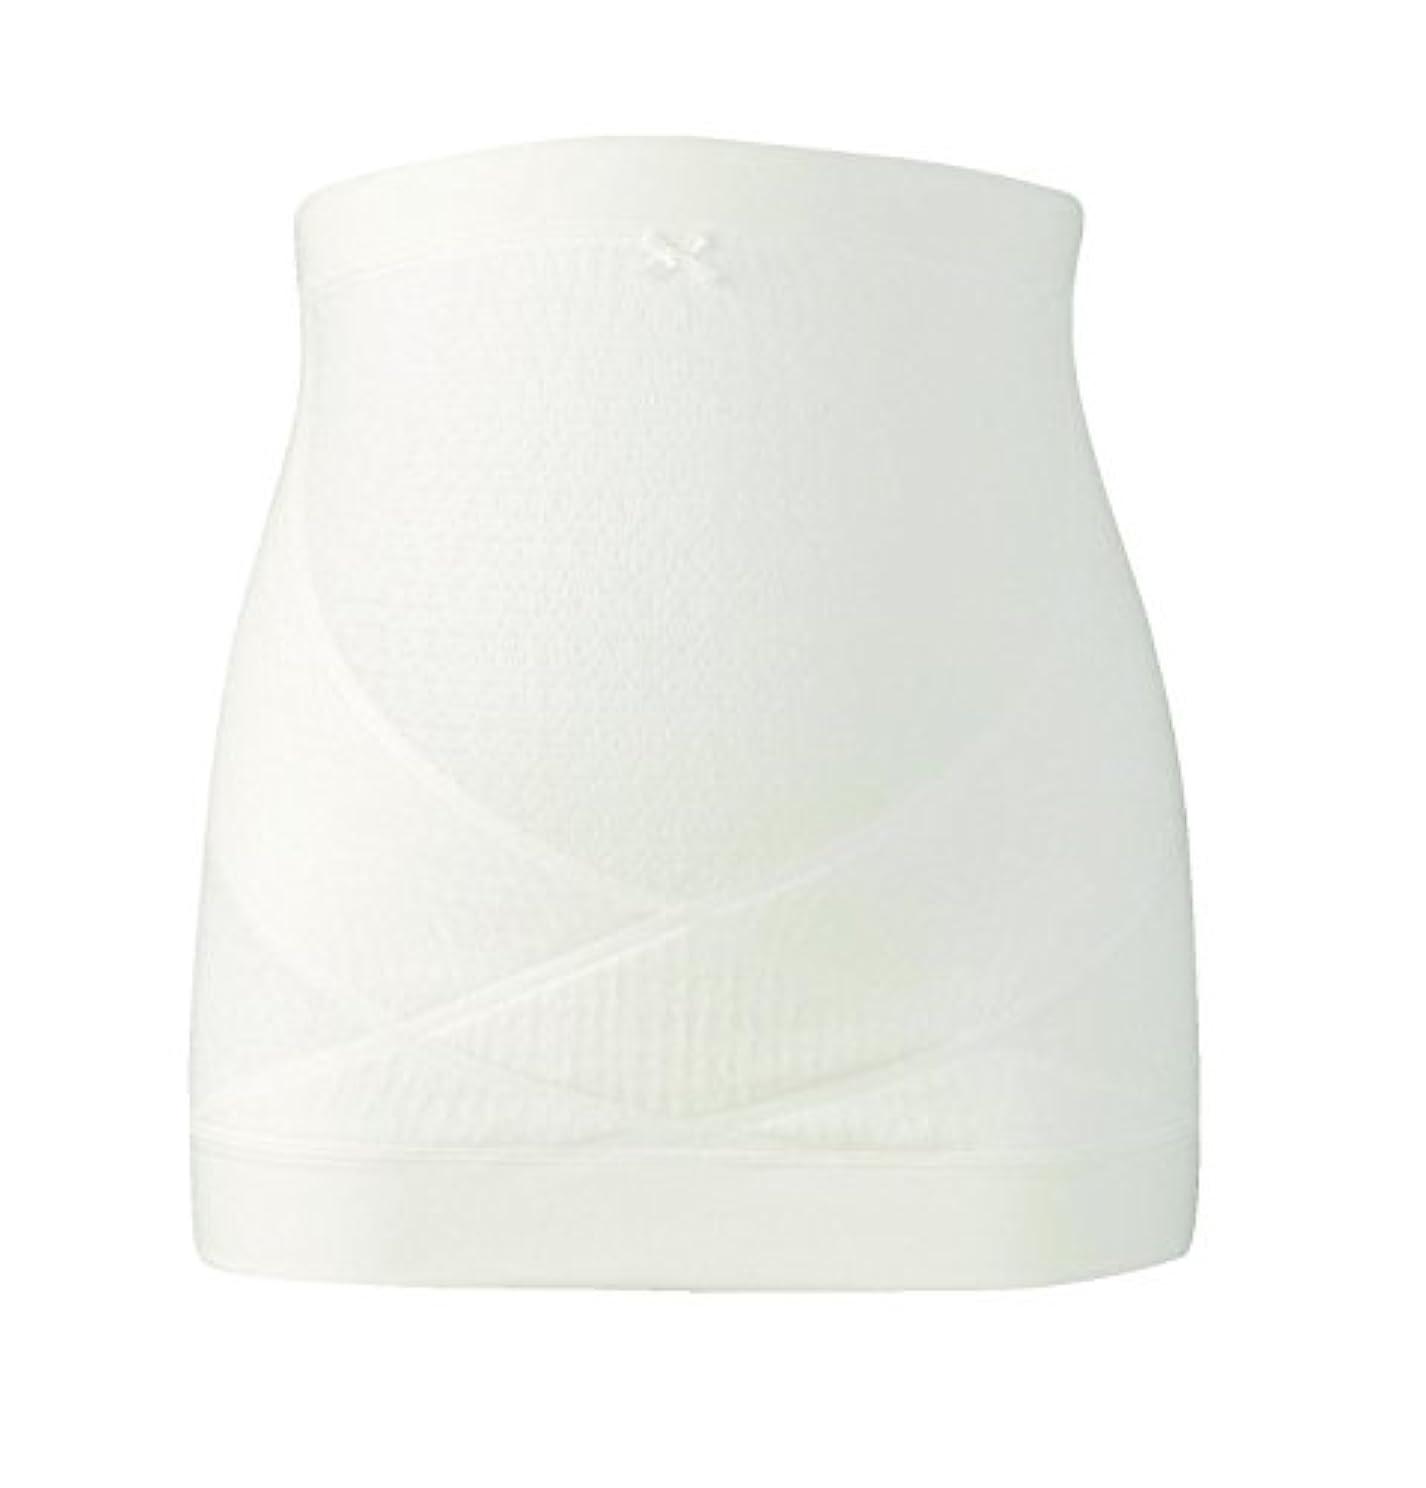 写真撮影騒々しい虚栄心ワコール (Wacoal) マタニティ 妊婦帯 腹巻きタイプ (日本製) 産前 妊娠初期から臨月まで使える 腹帯 [ ギフトケース入り ] M アイボリー MRP476 IV